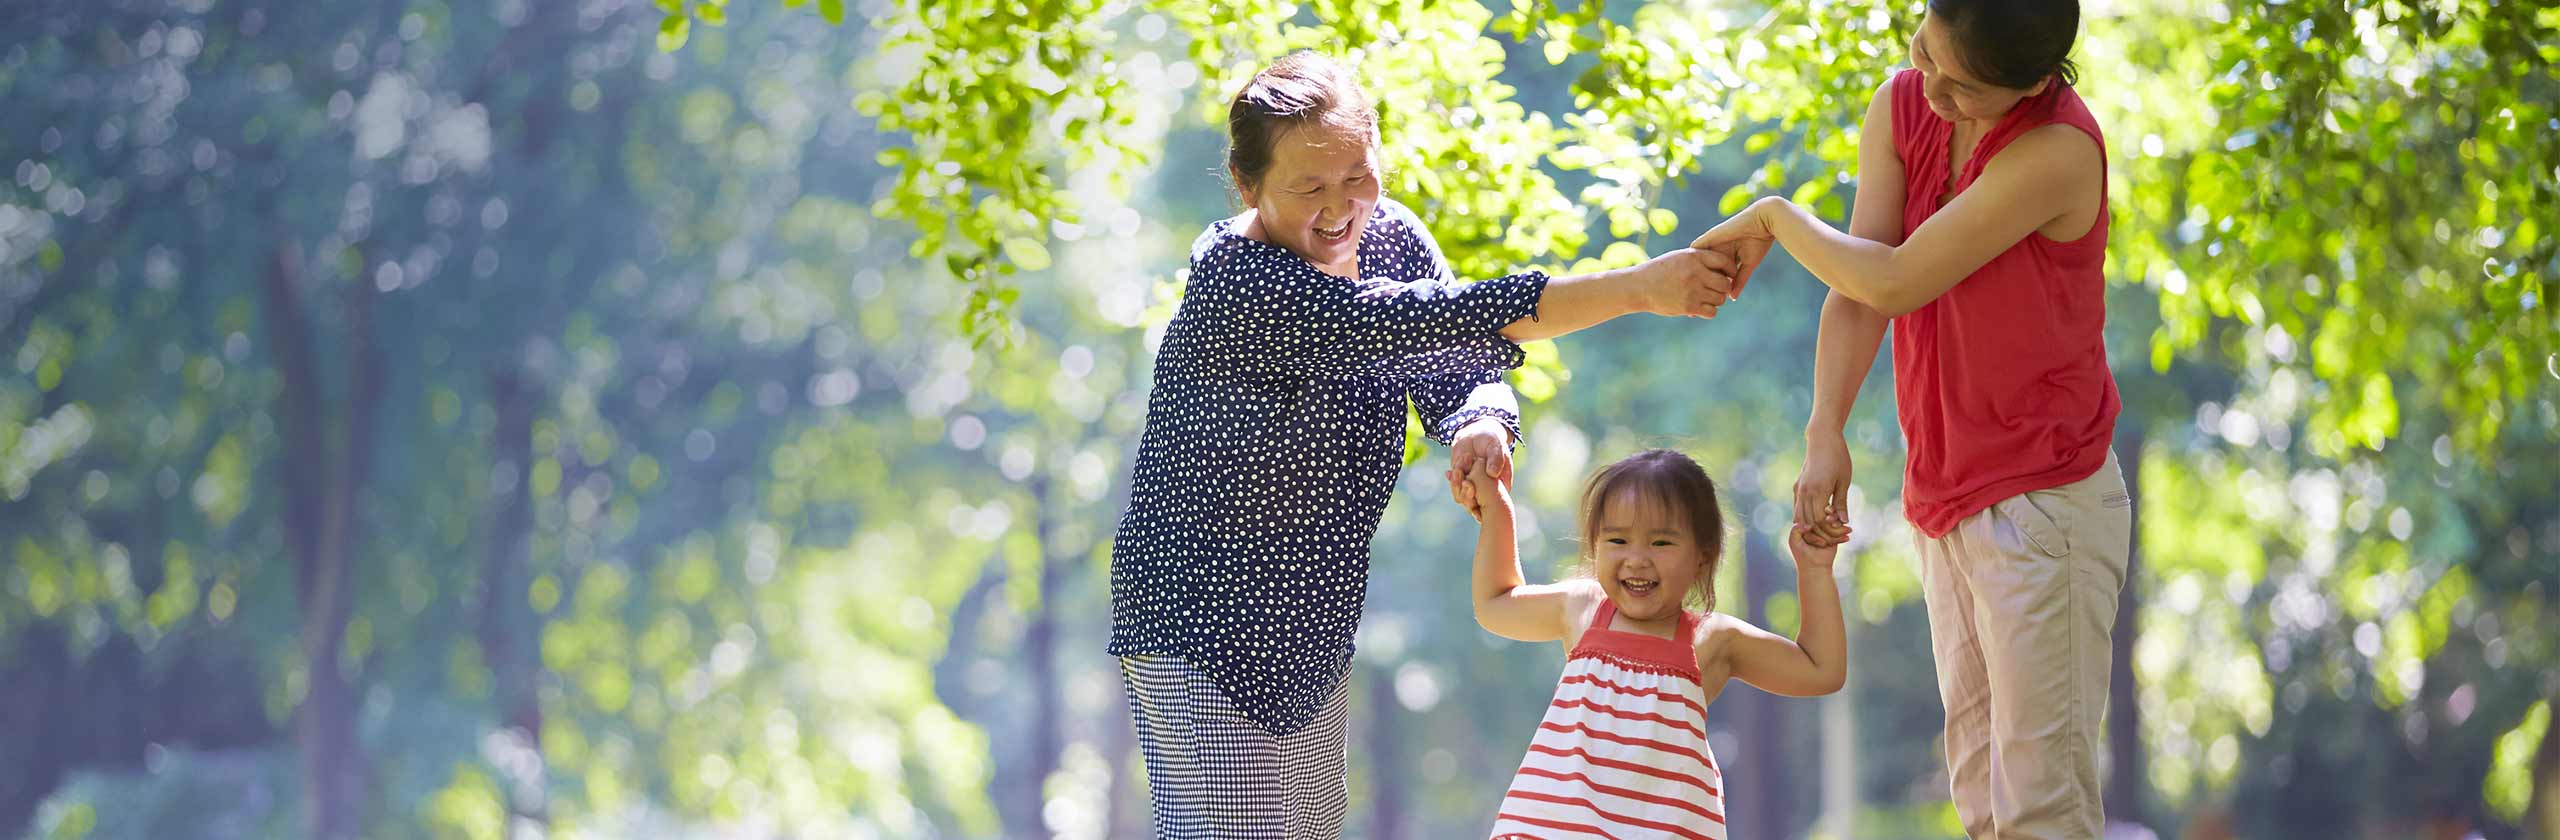 Une famille heureuse qui se promène main dans la main